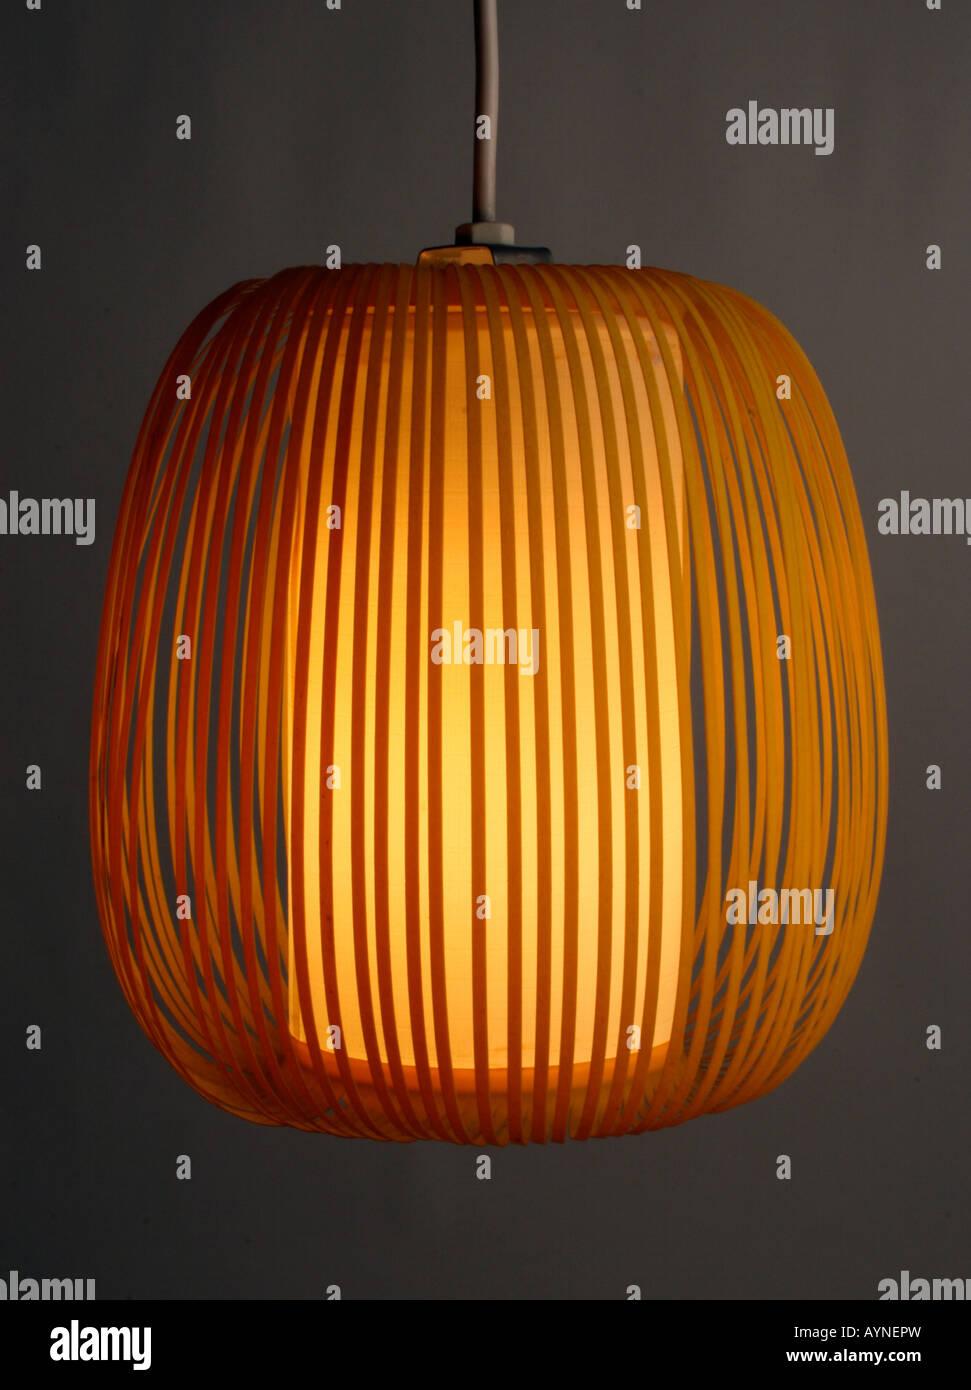 iluminaciónpiso y luz de Energíalámparas aparatos de OPkXuZiT